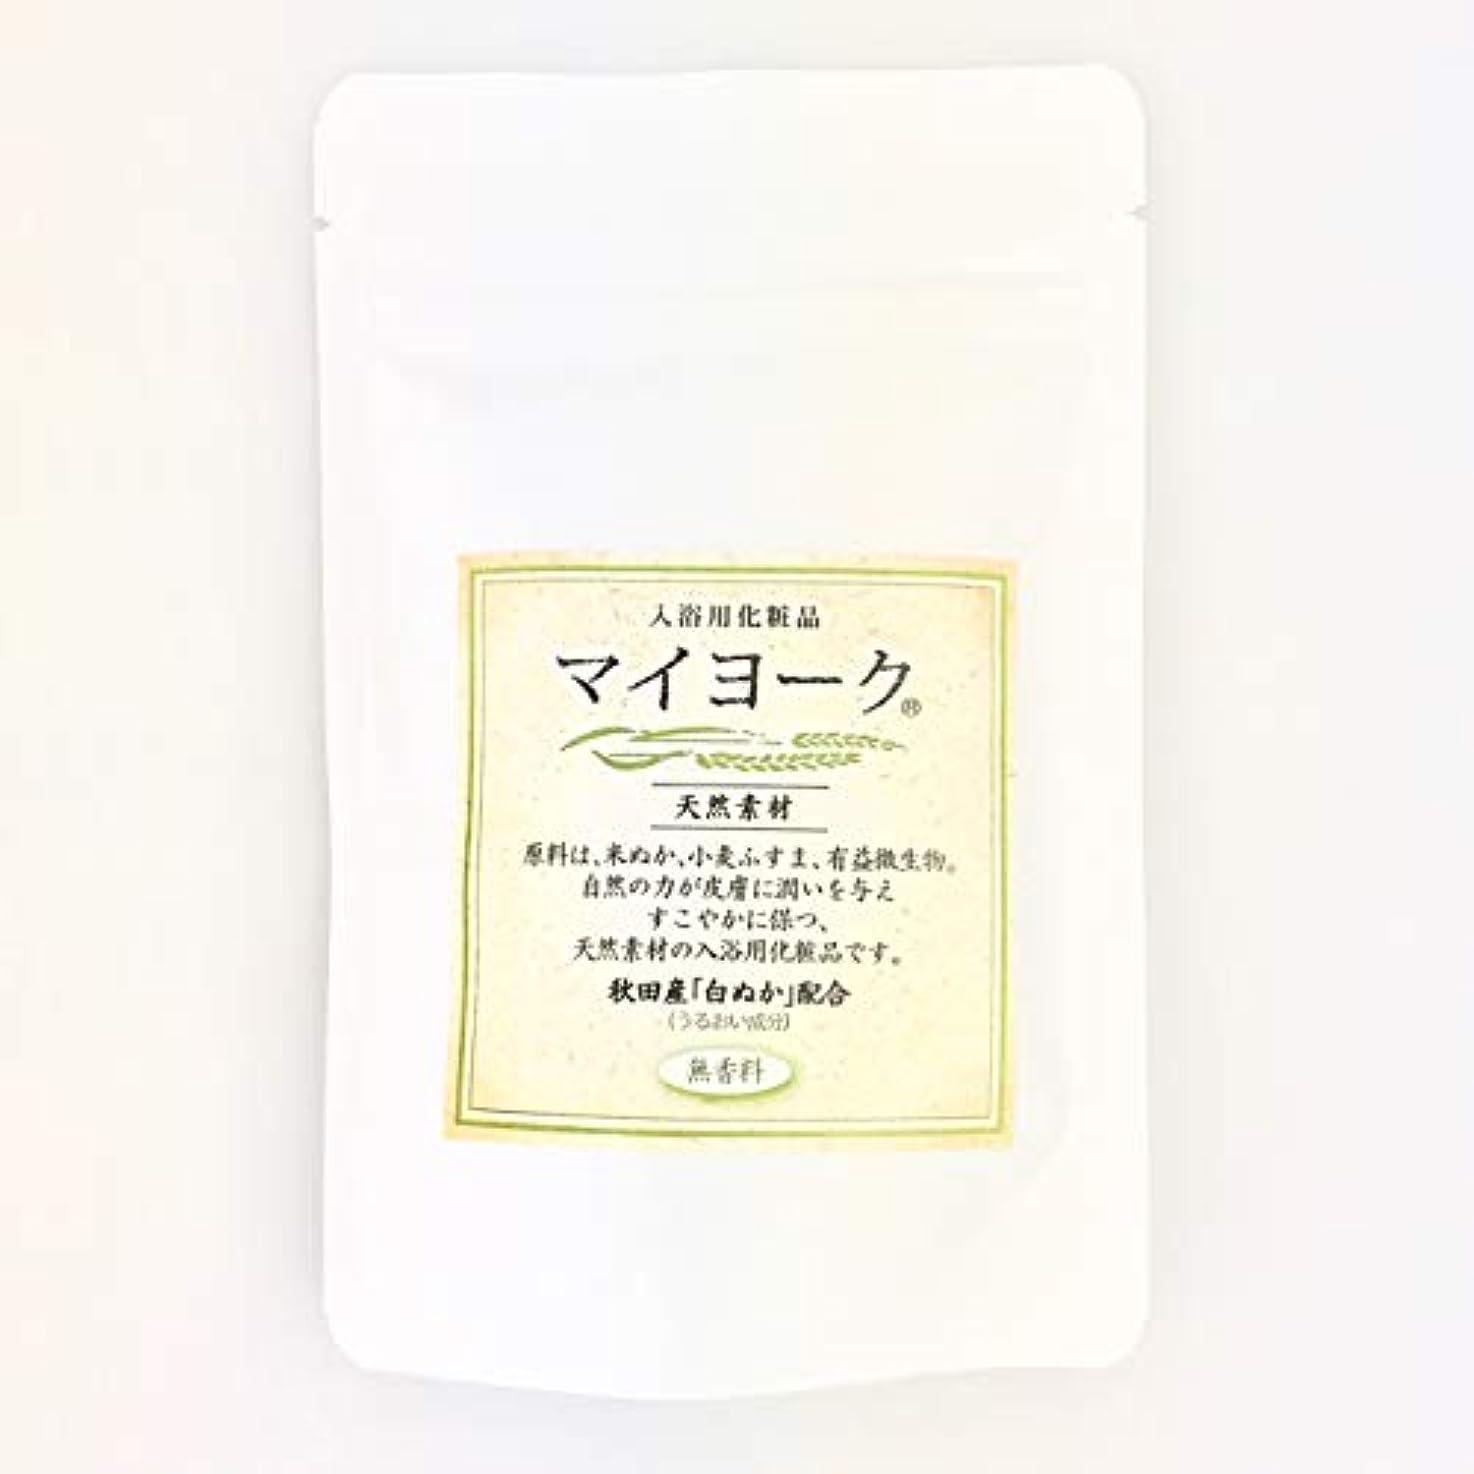 テンポ道徳人形入浴用化粧品マイヨーク 2個入